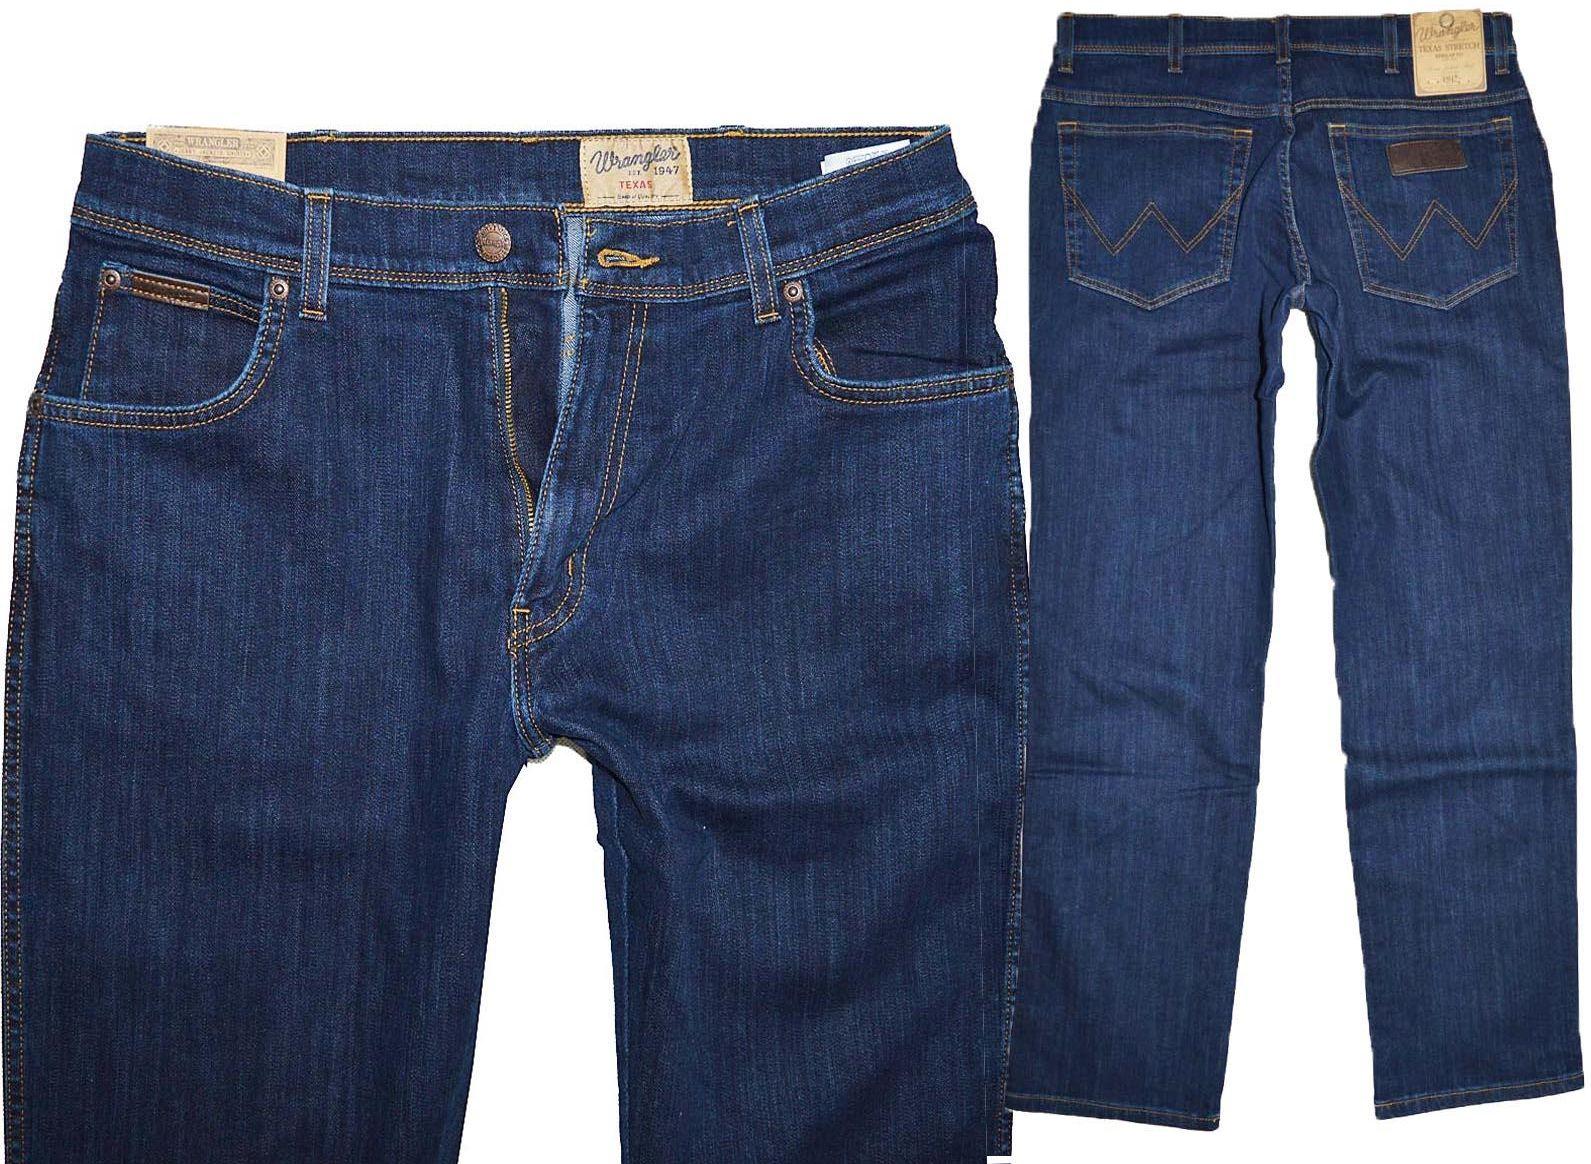 849301a5917bdc Wrangler Spodnie Texas Stretch W121-R2-49R W32 L34 - Ceny i opinie ...